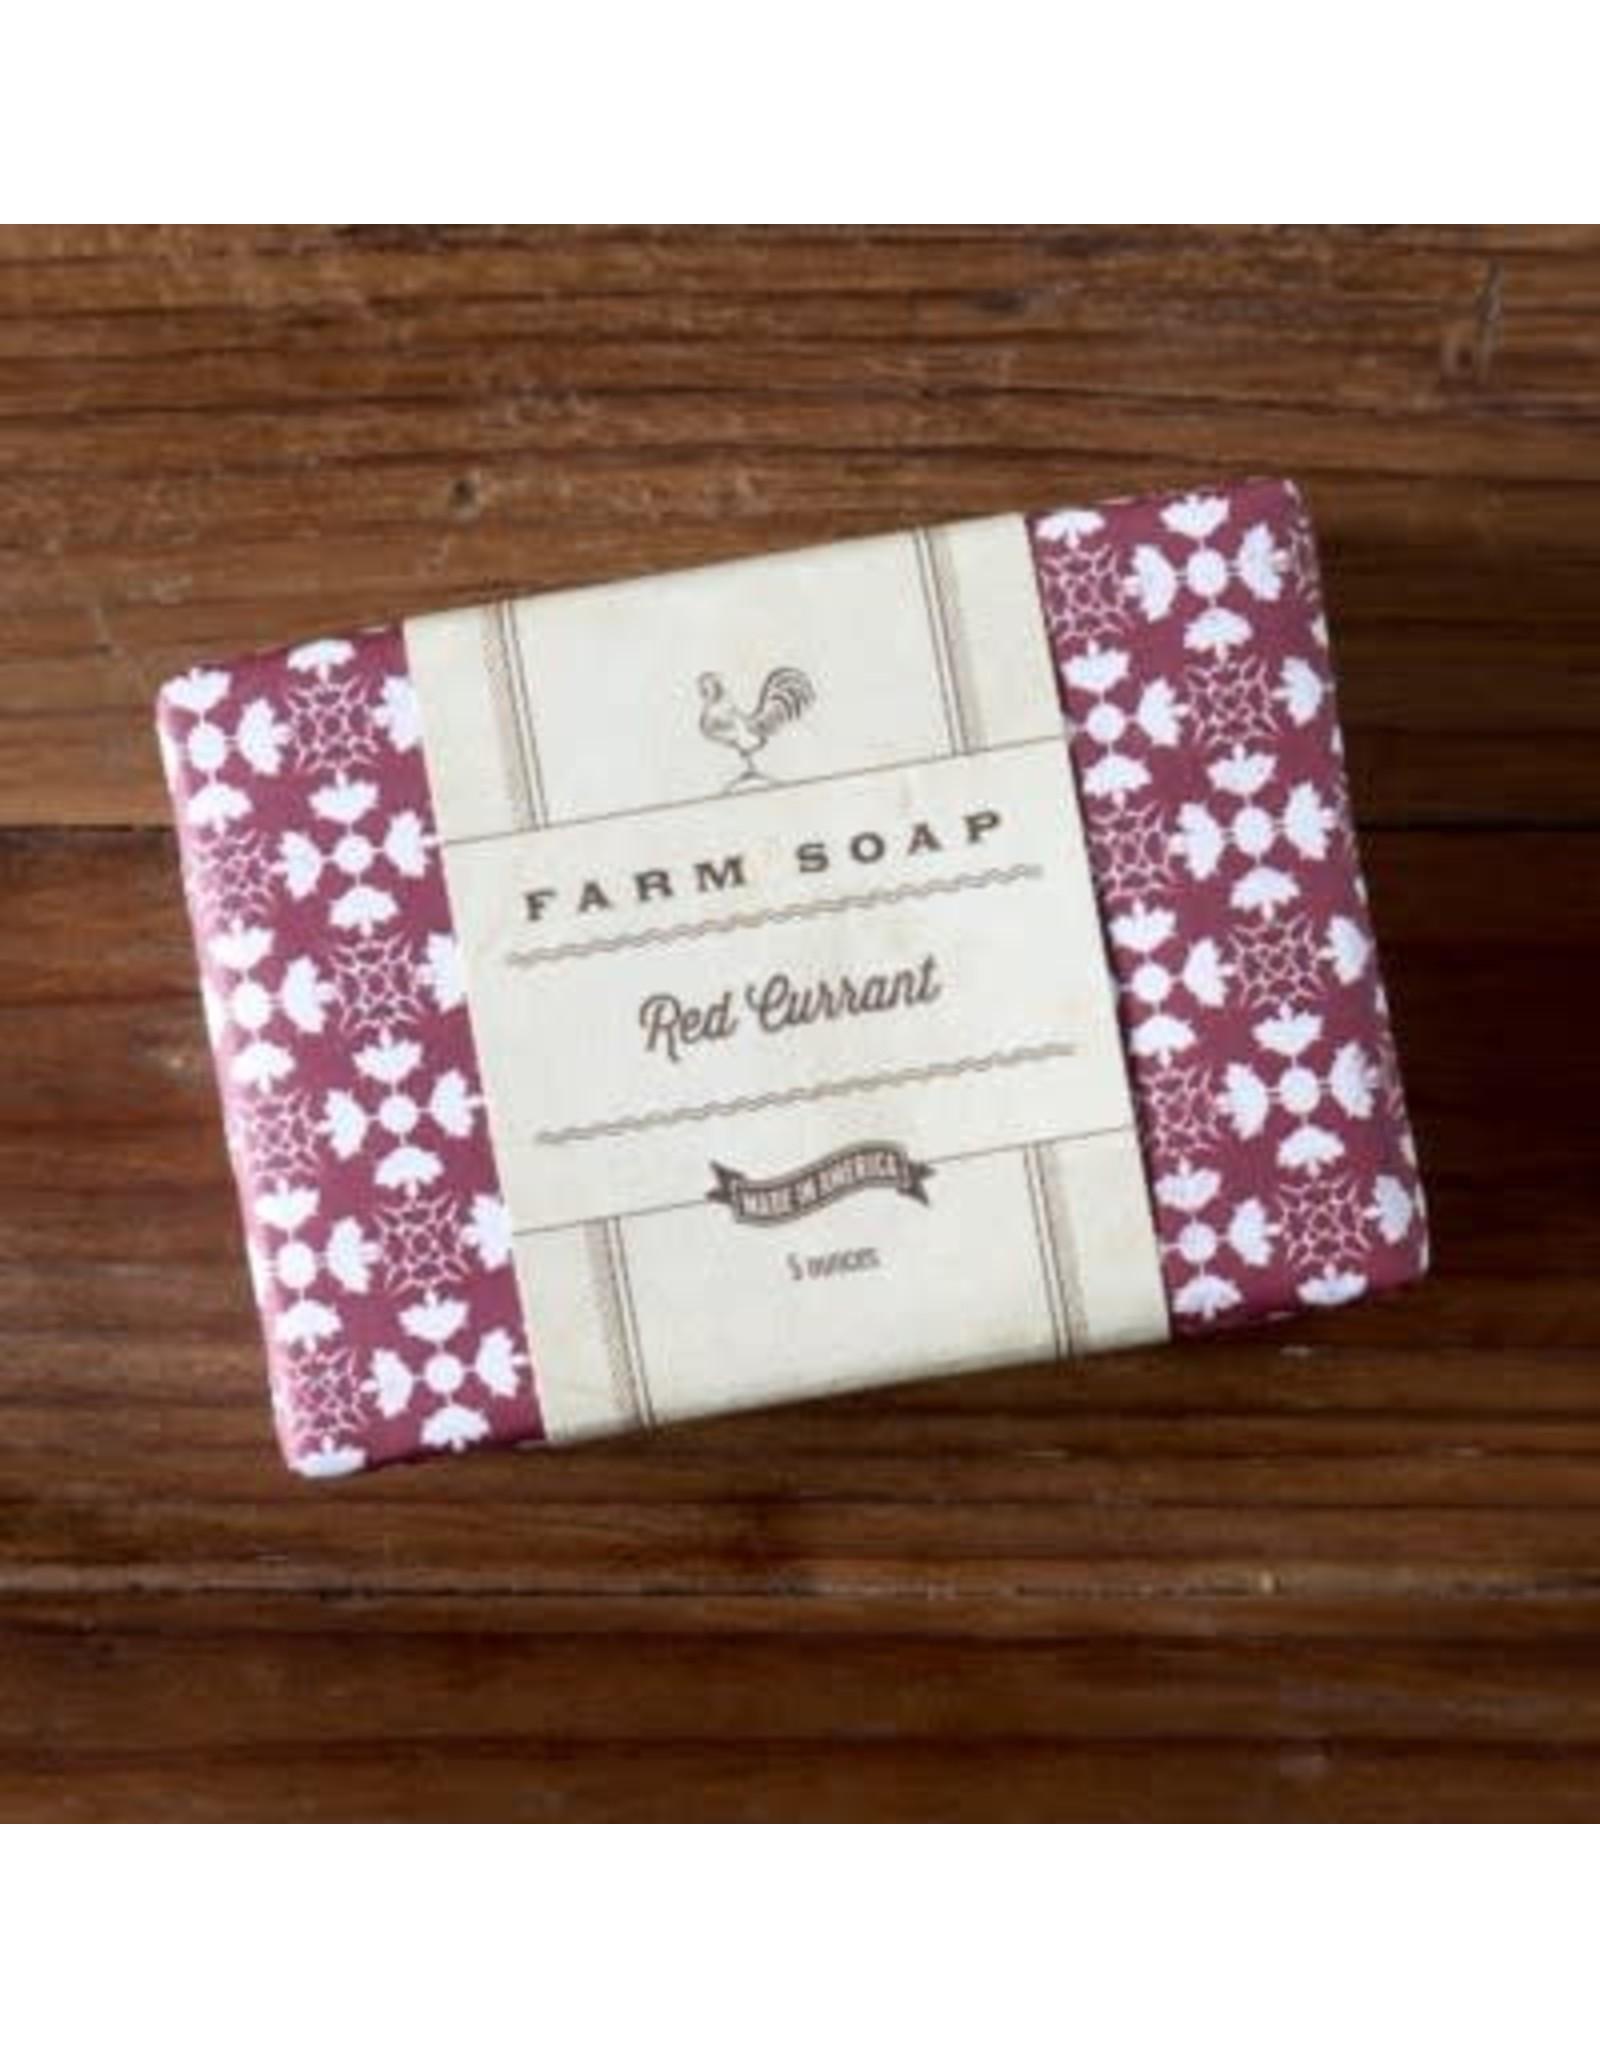 ParkHill Farm Soap